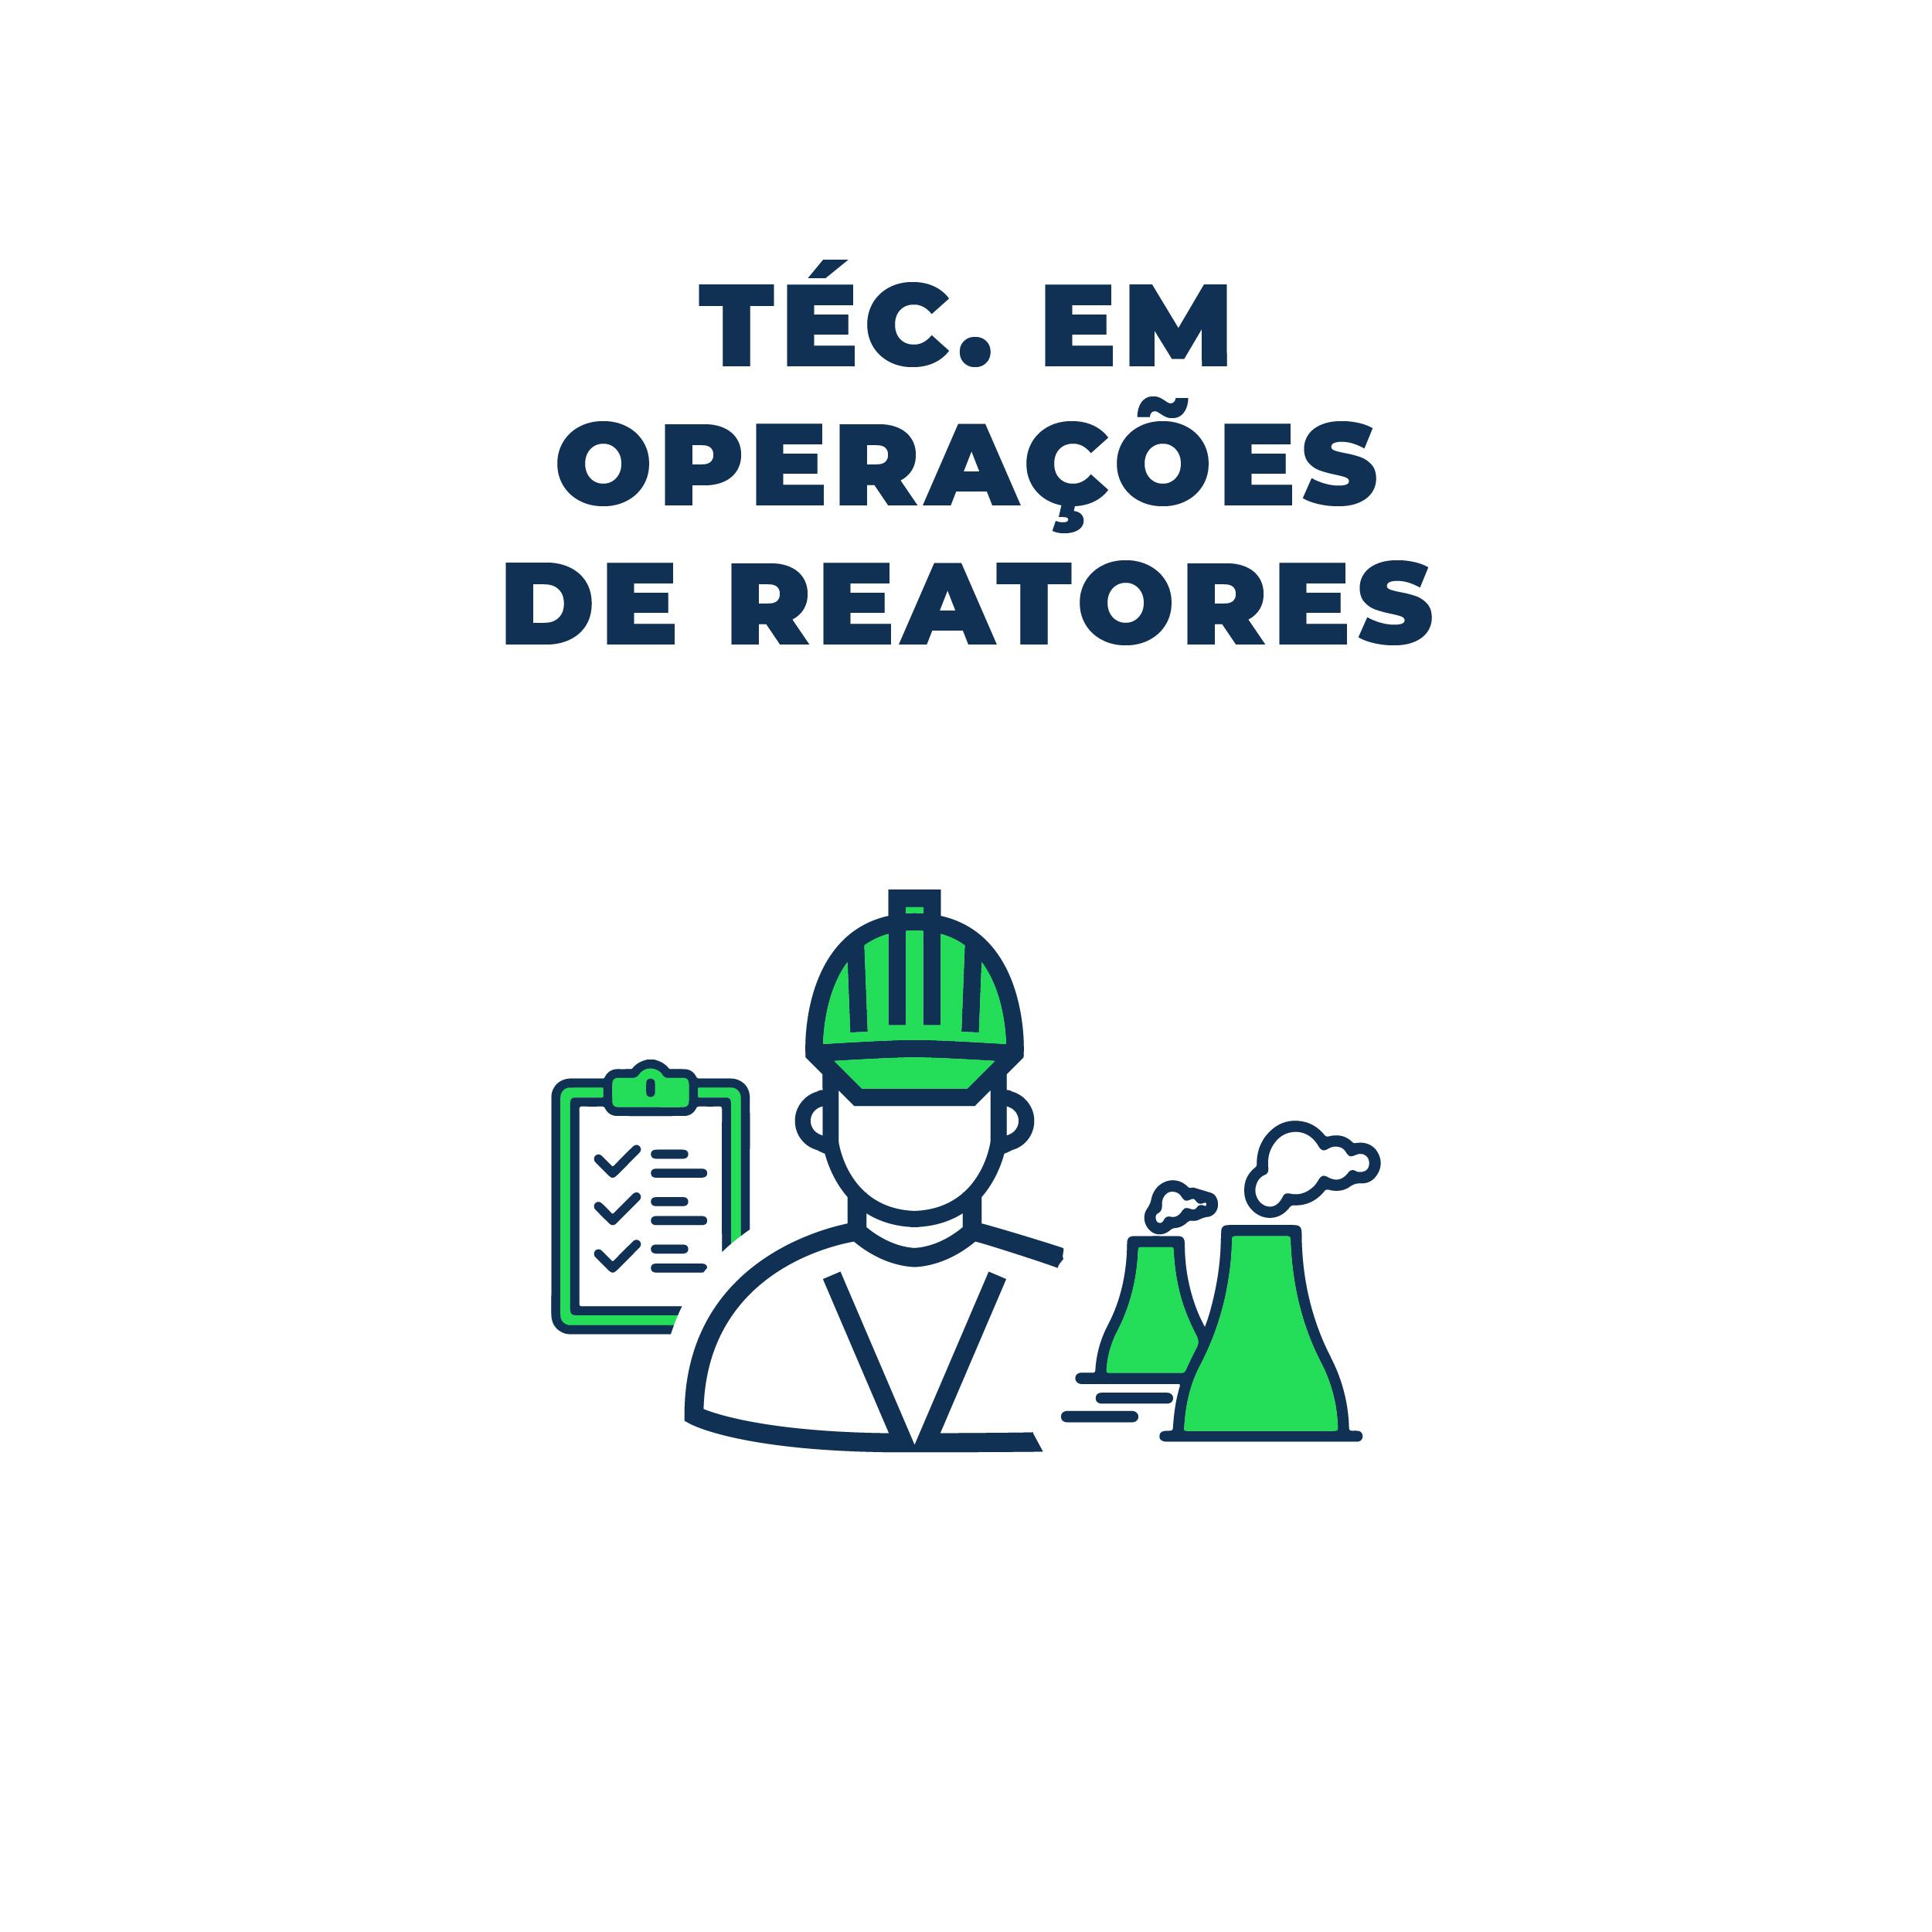 operaçnoes reatores